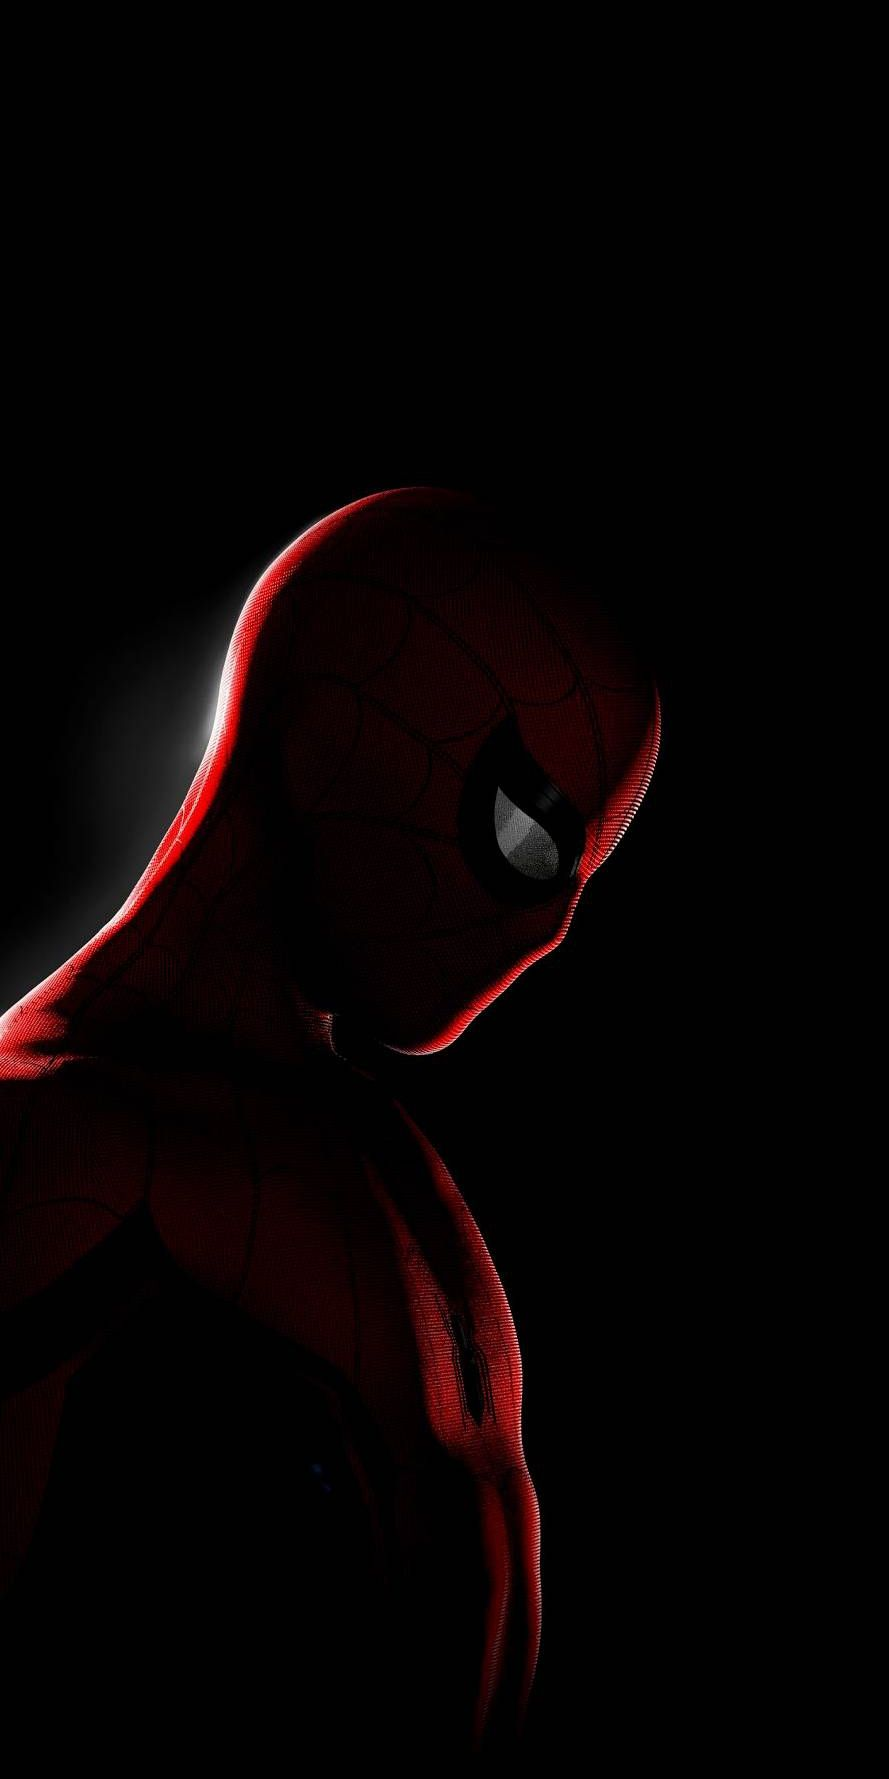 Unduh 700 Koleksi Wallpaper Iphone Spiderman HD Terbaru